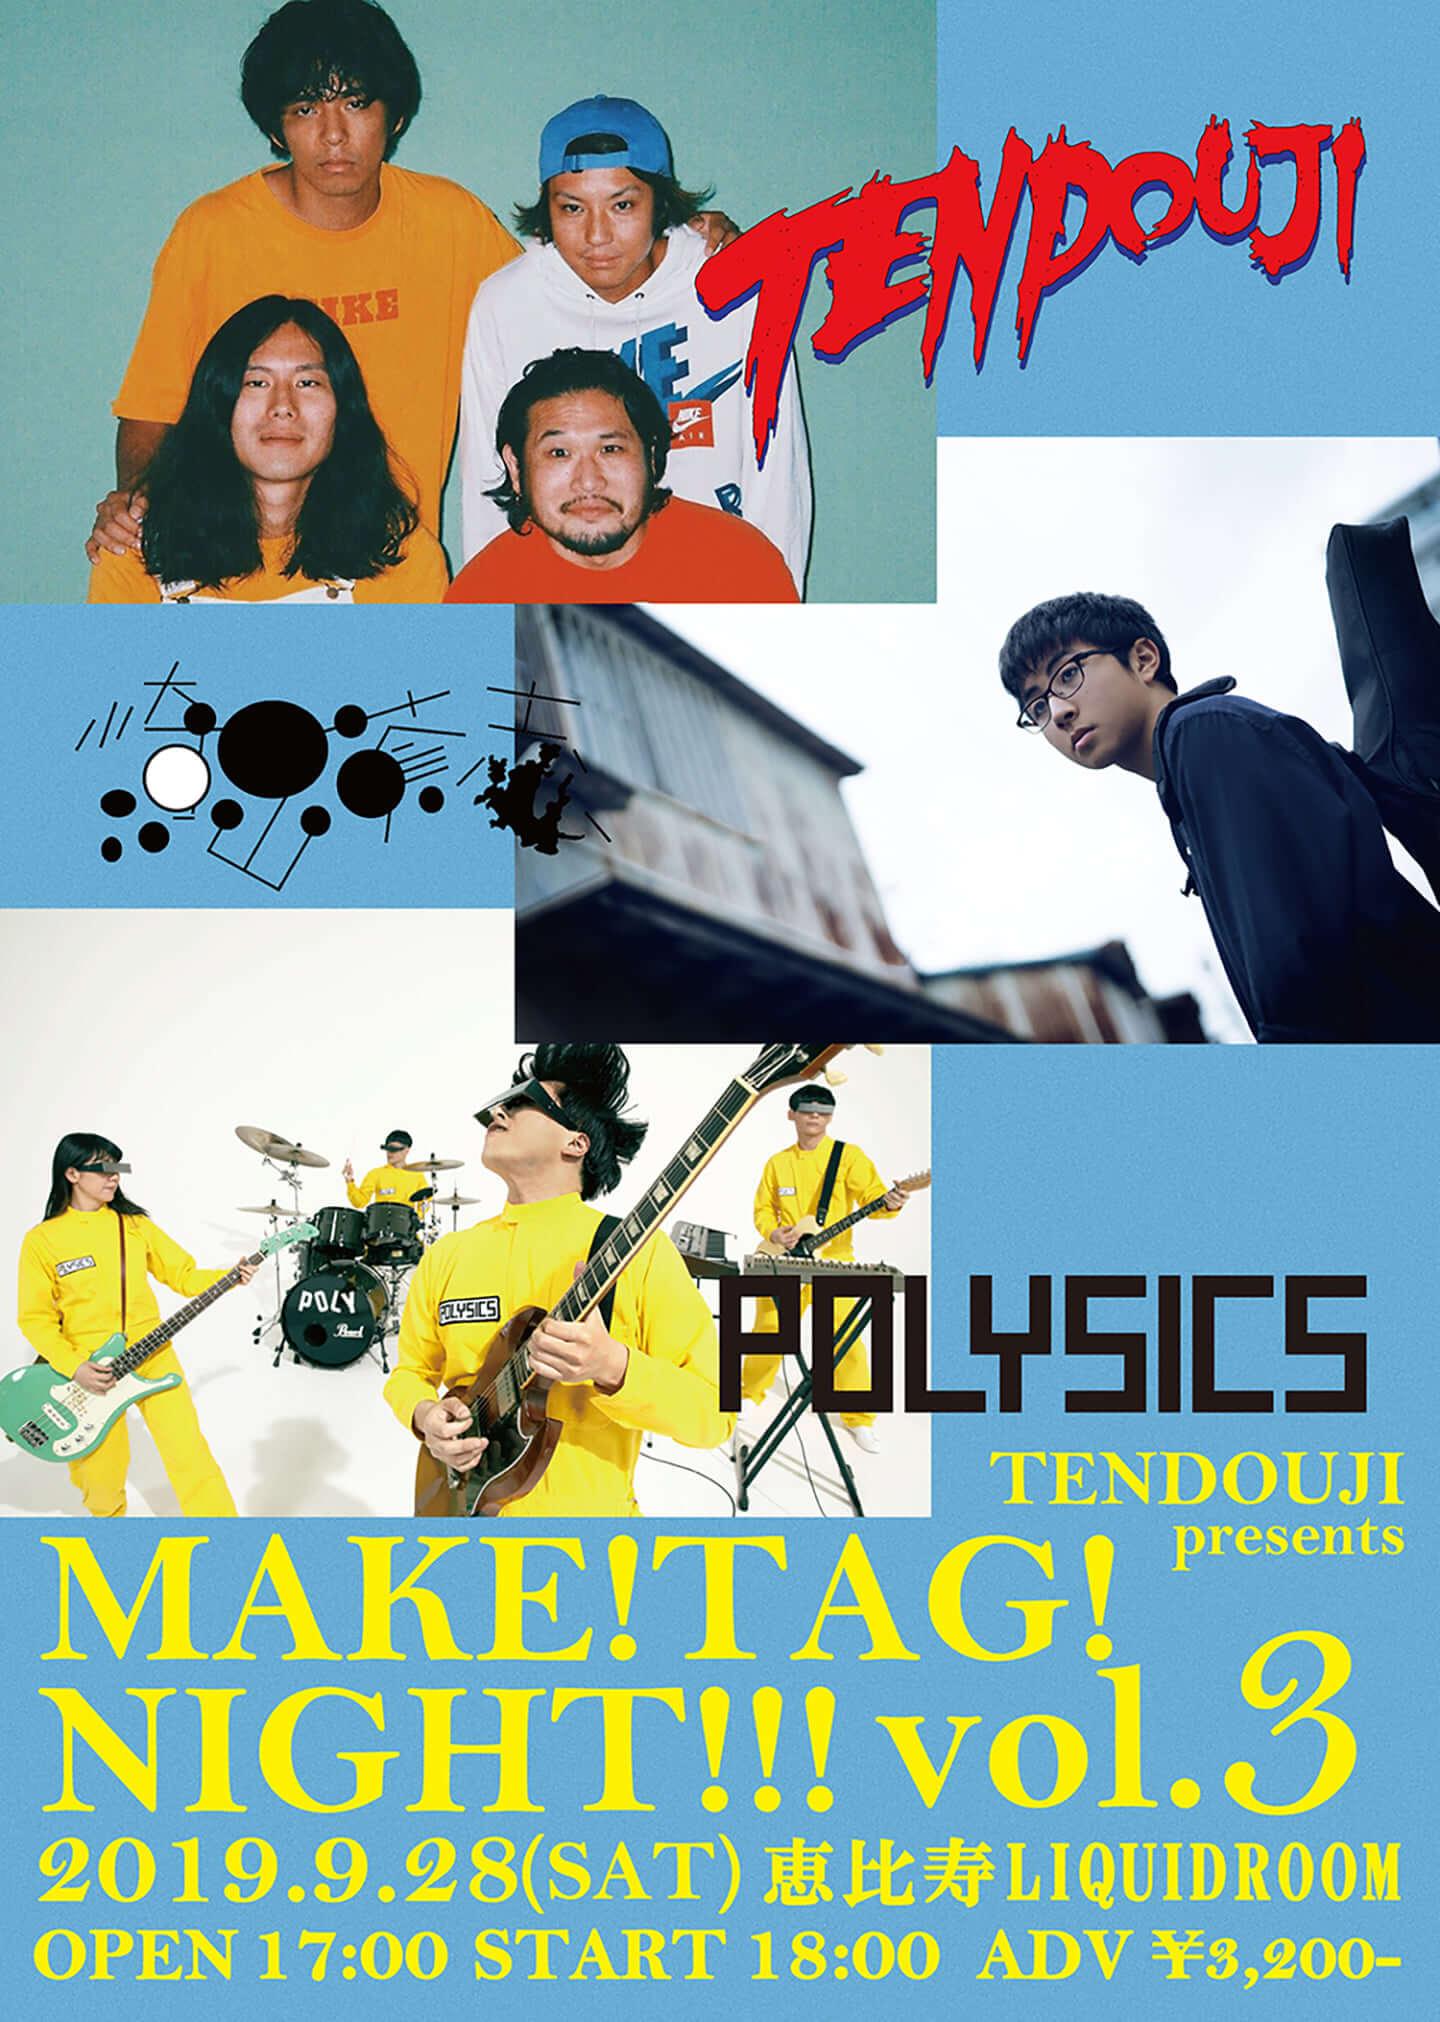 フェスレポート|TENDOUJIが切り取る<FUJI ROCK FESTIVAL'19> MAKETAGNIGHT3_flyer-1440x2022